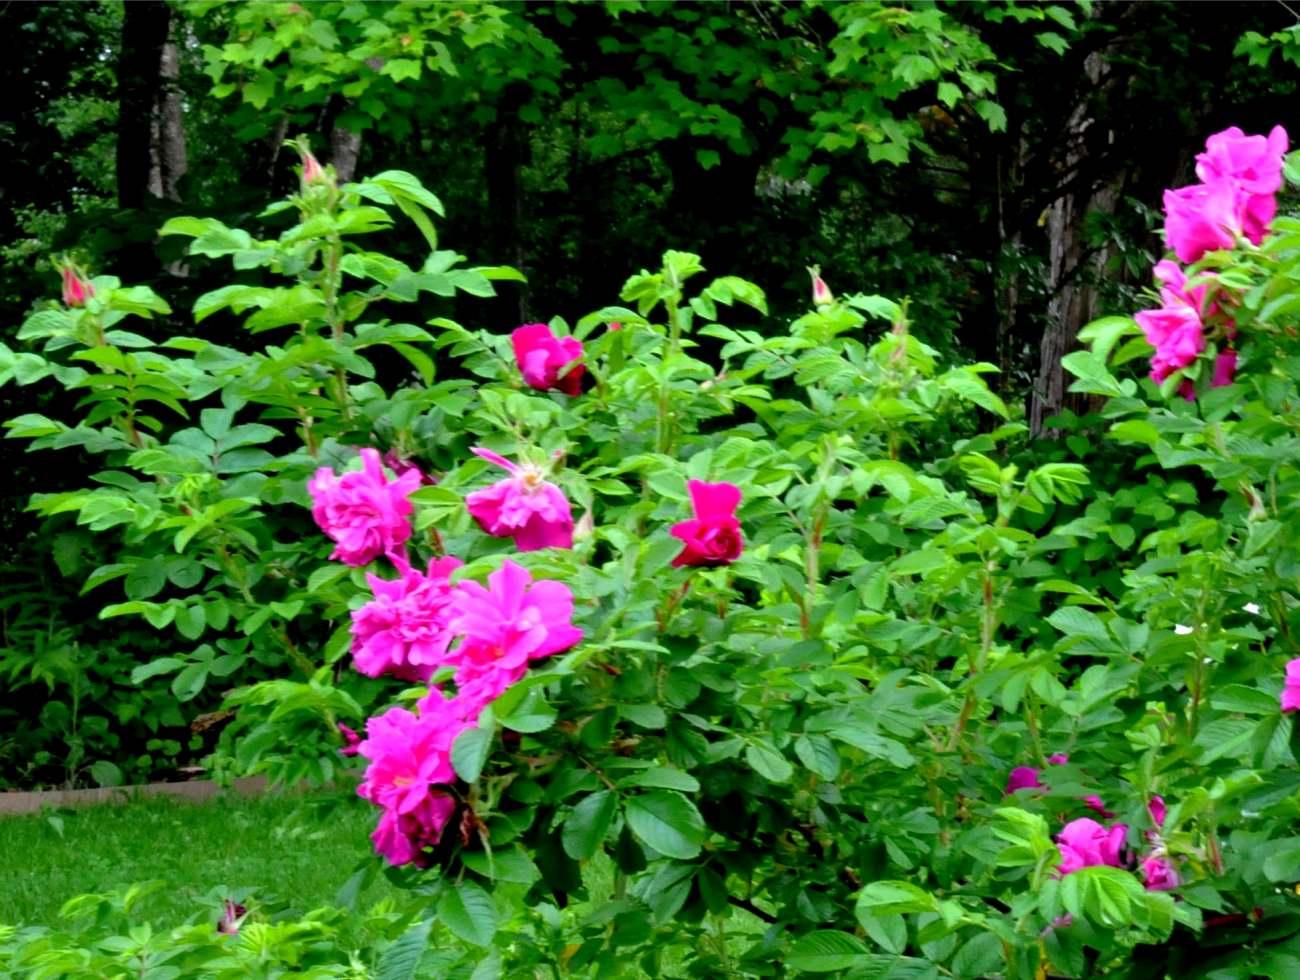 róża pomarszczona - krzew ozdobny z kwiatów i owoców